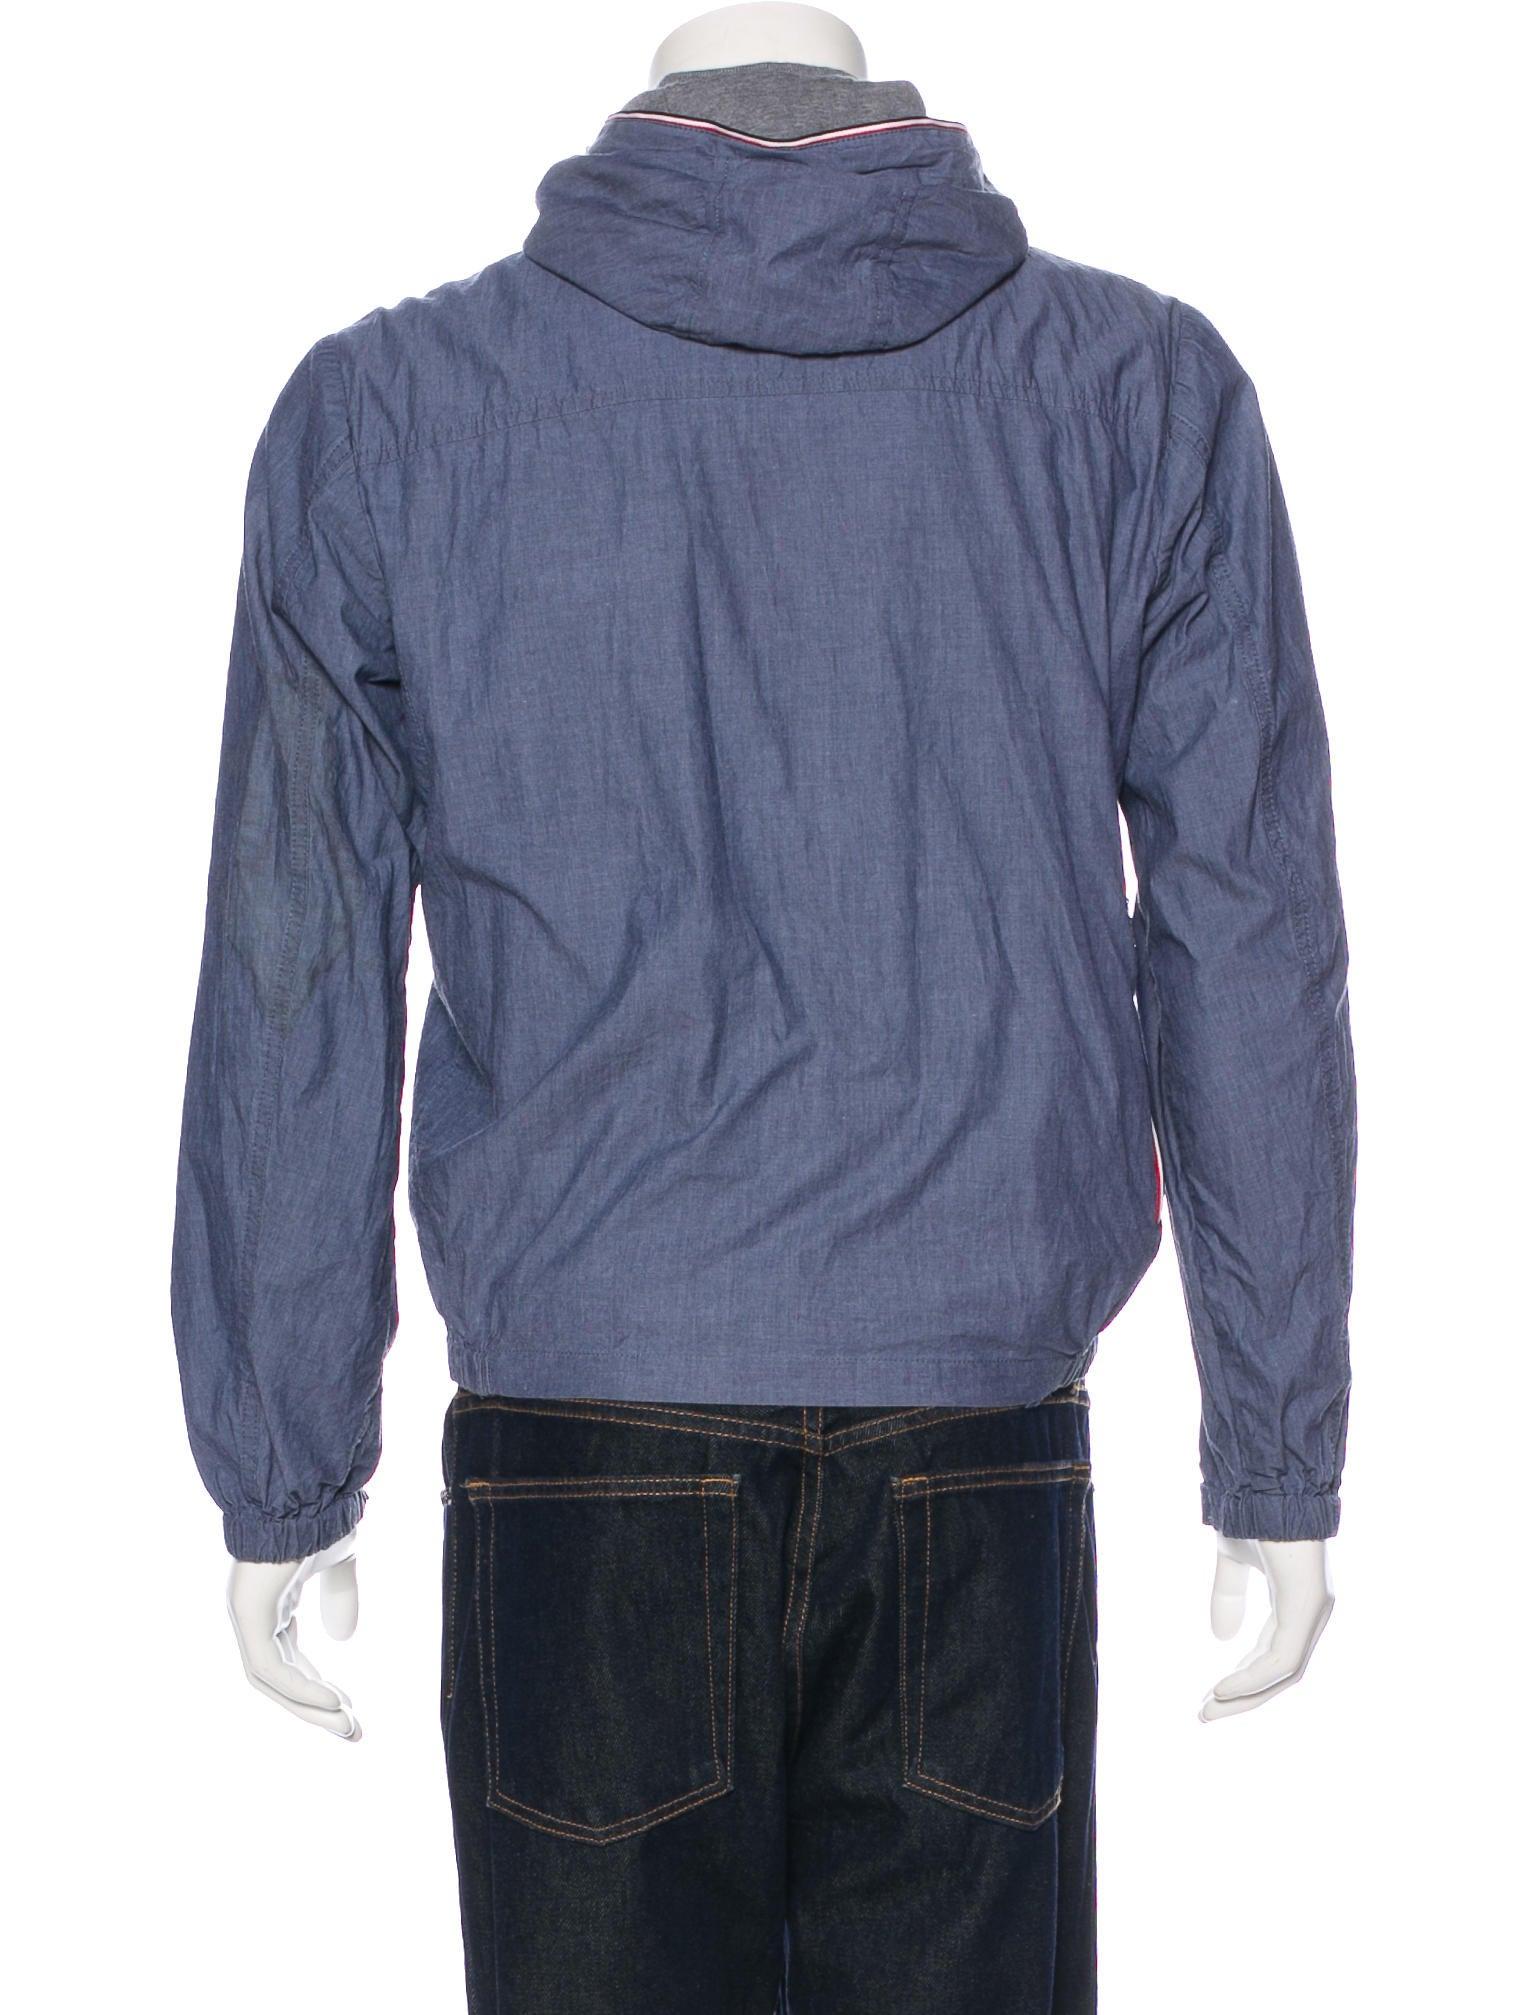 Urville Hooded Jacket